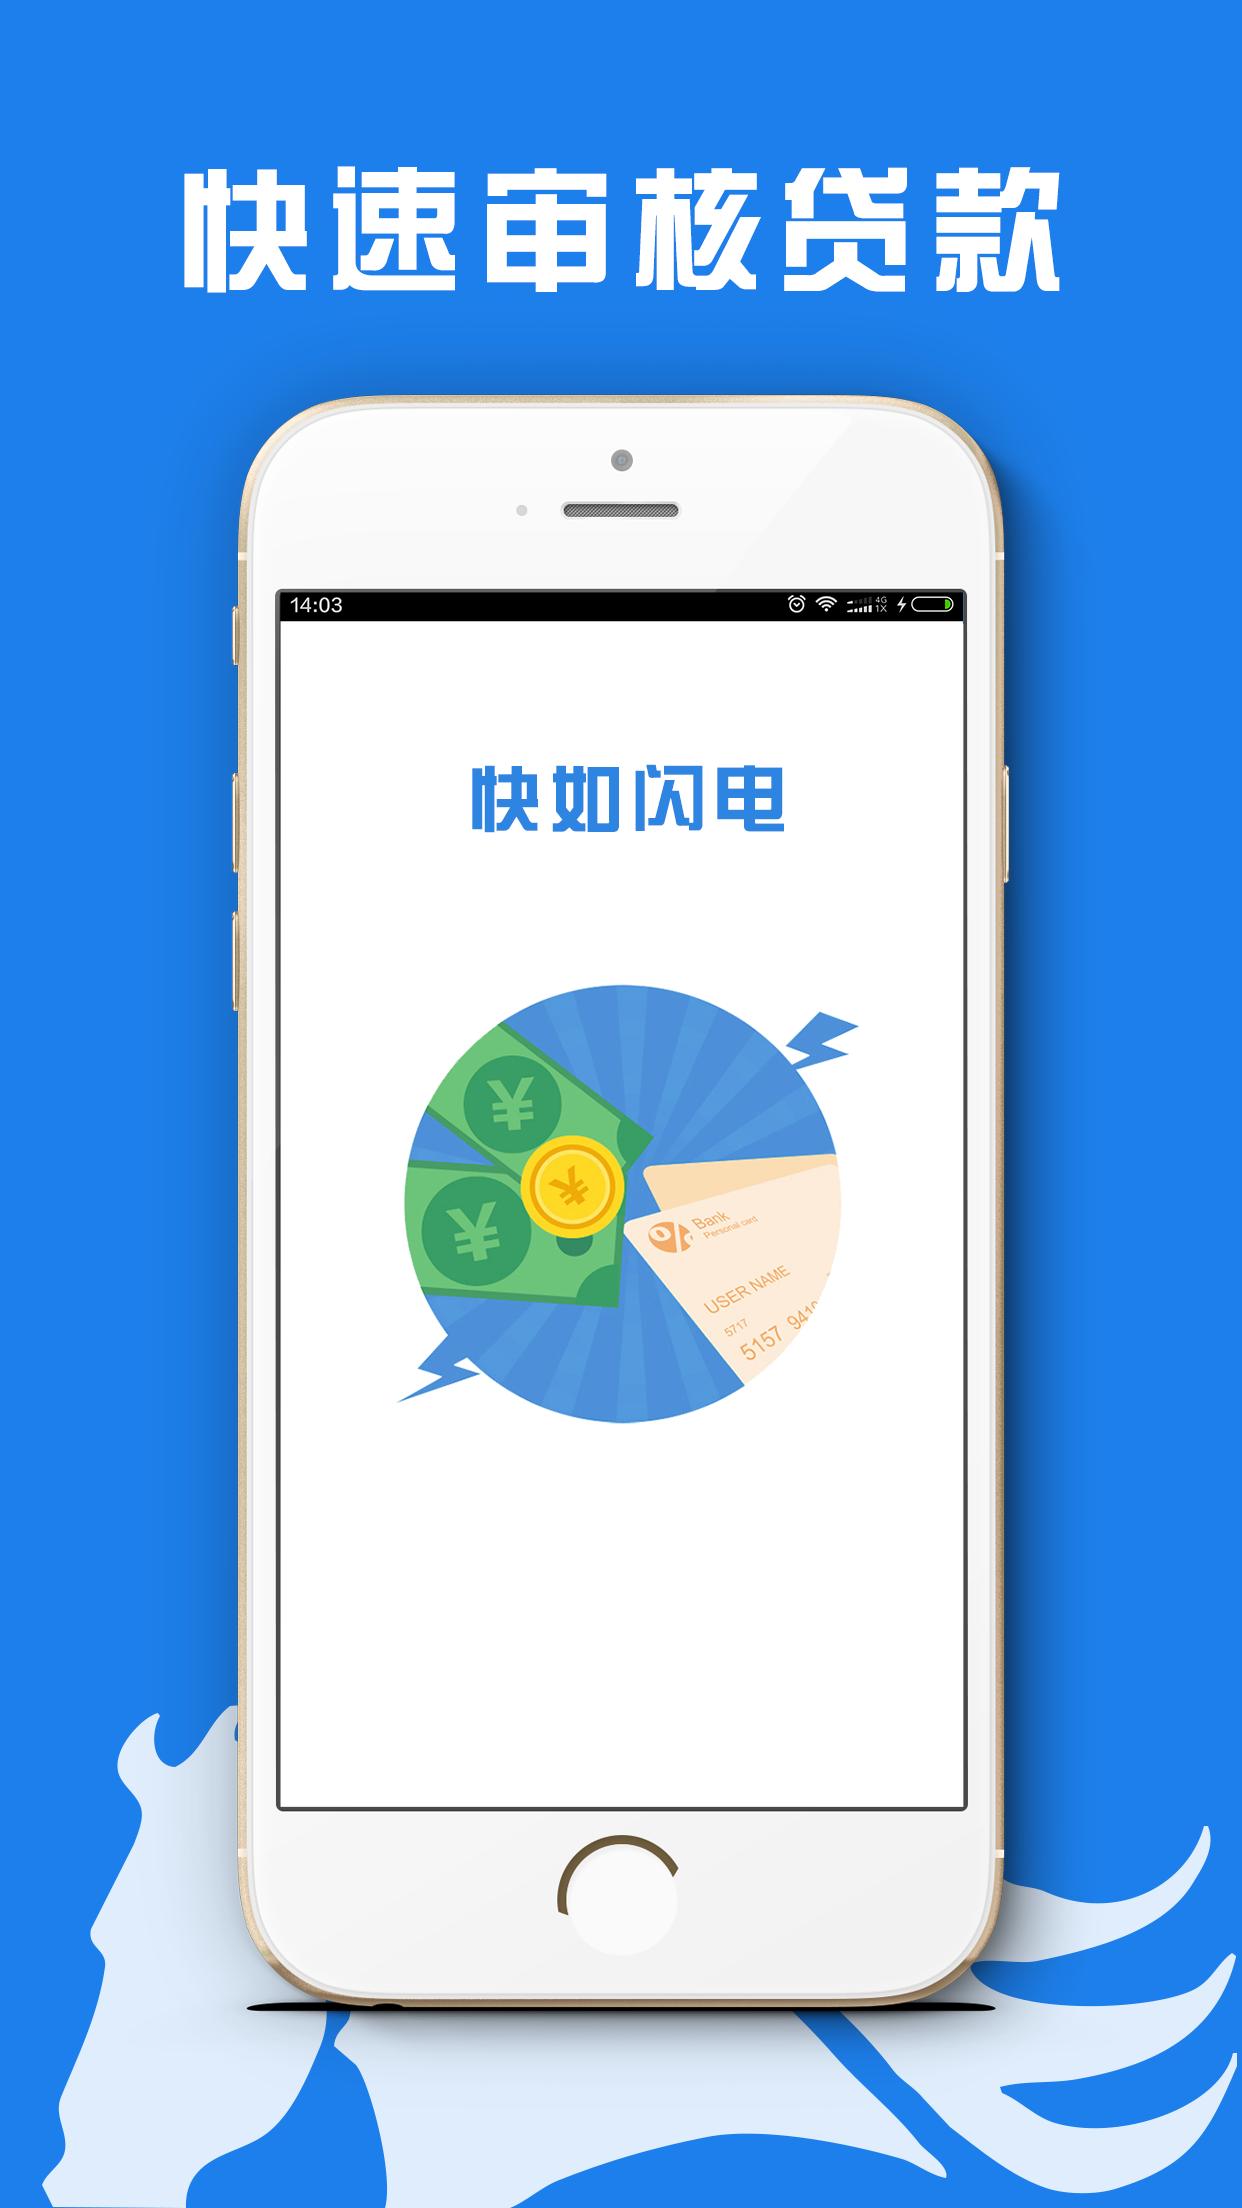 闪讯钱包贷款app官方手机版下载图2: